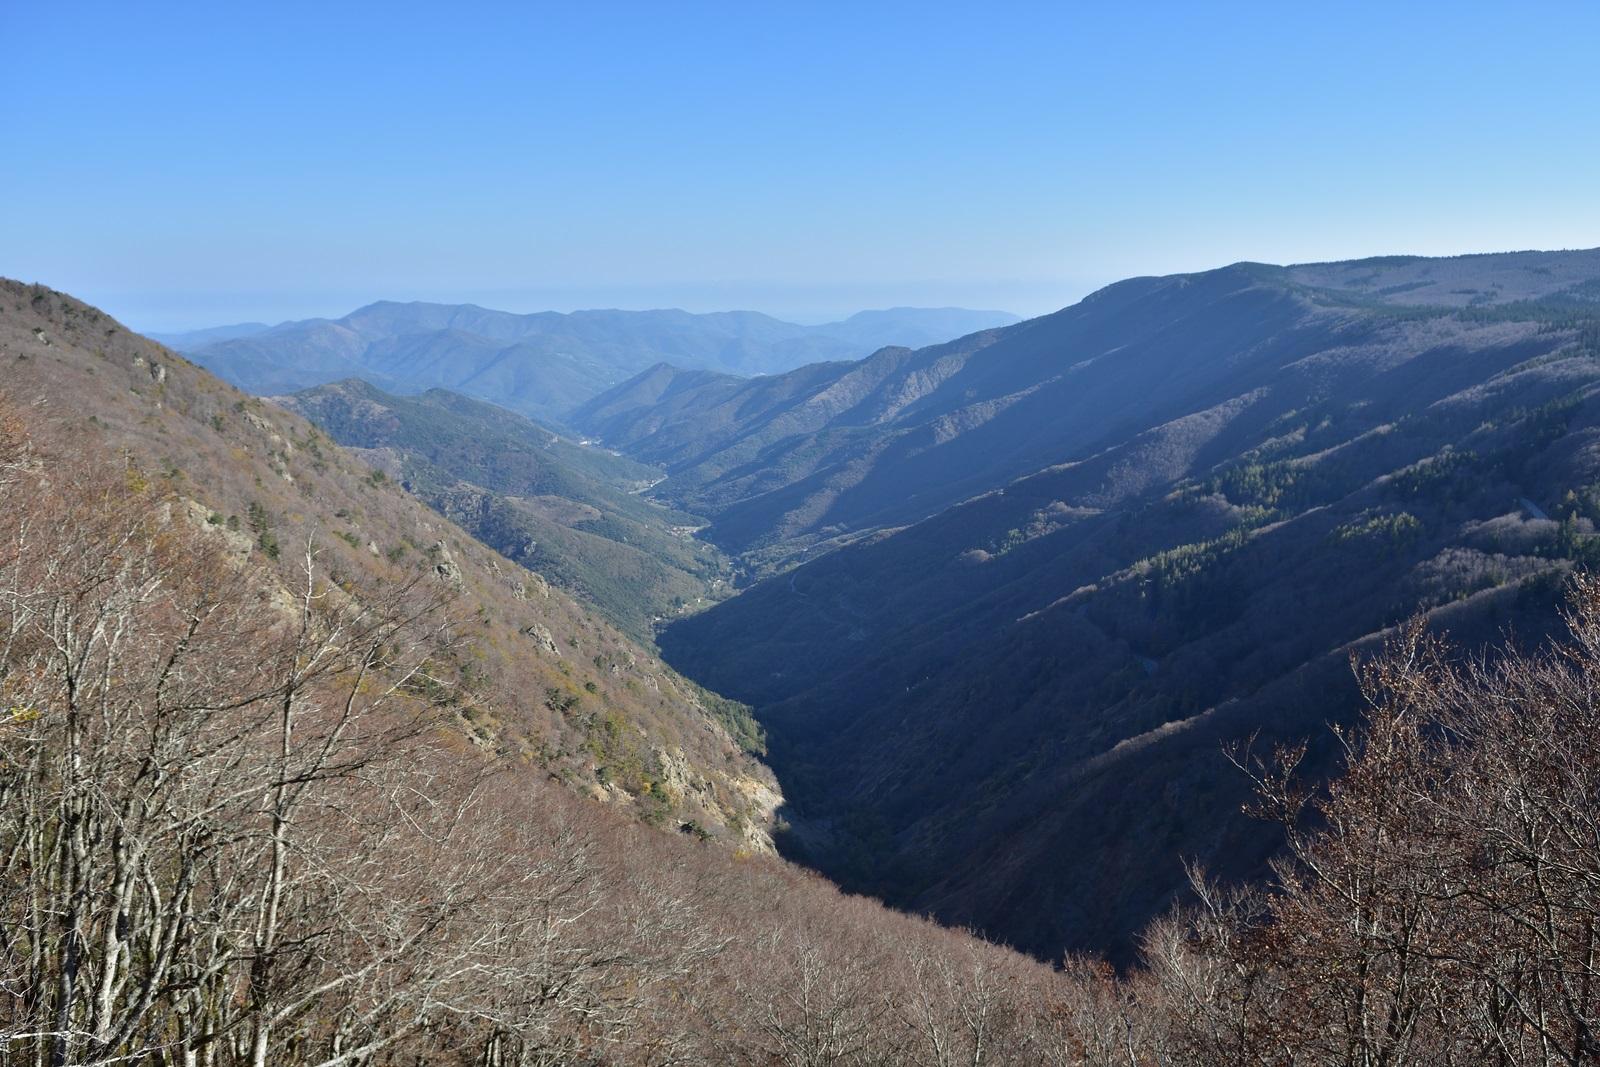 Col de la Serryède, la source de l'Hérault. Dans la descente du Mont Aigoual vers Avéze (6ème nuit  ?) pour un apéro mérité.